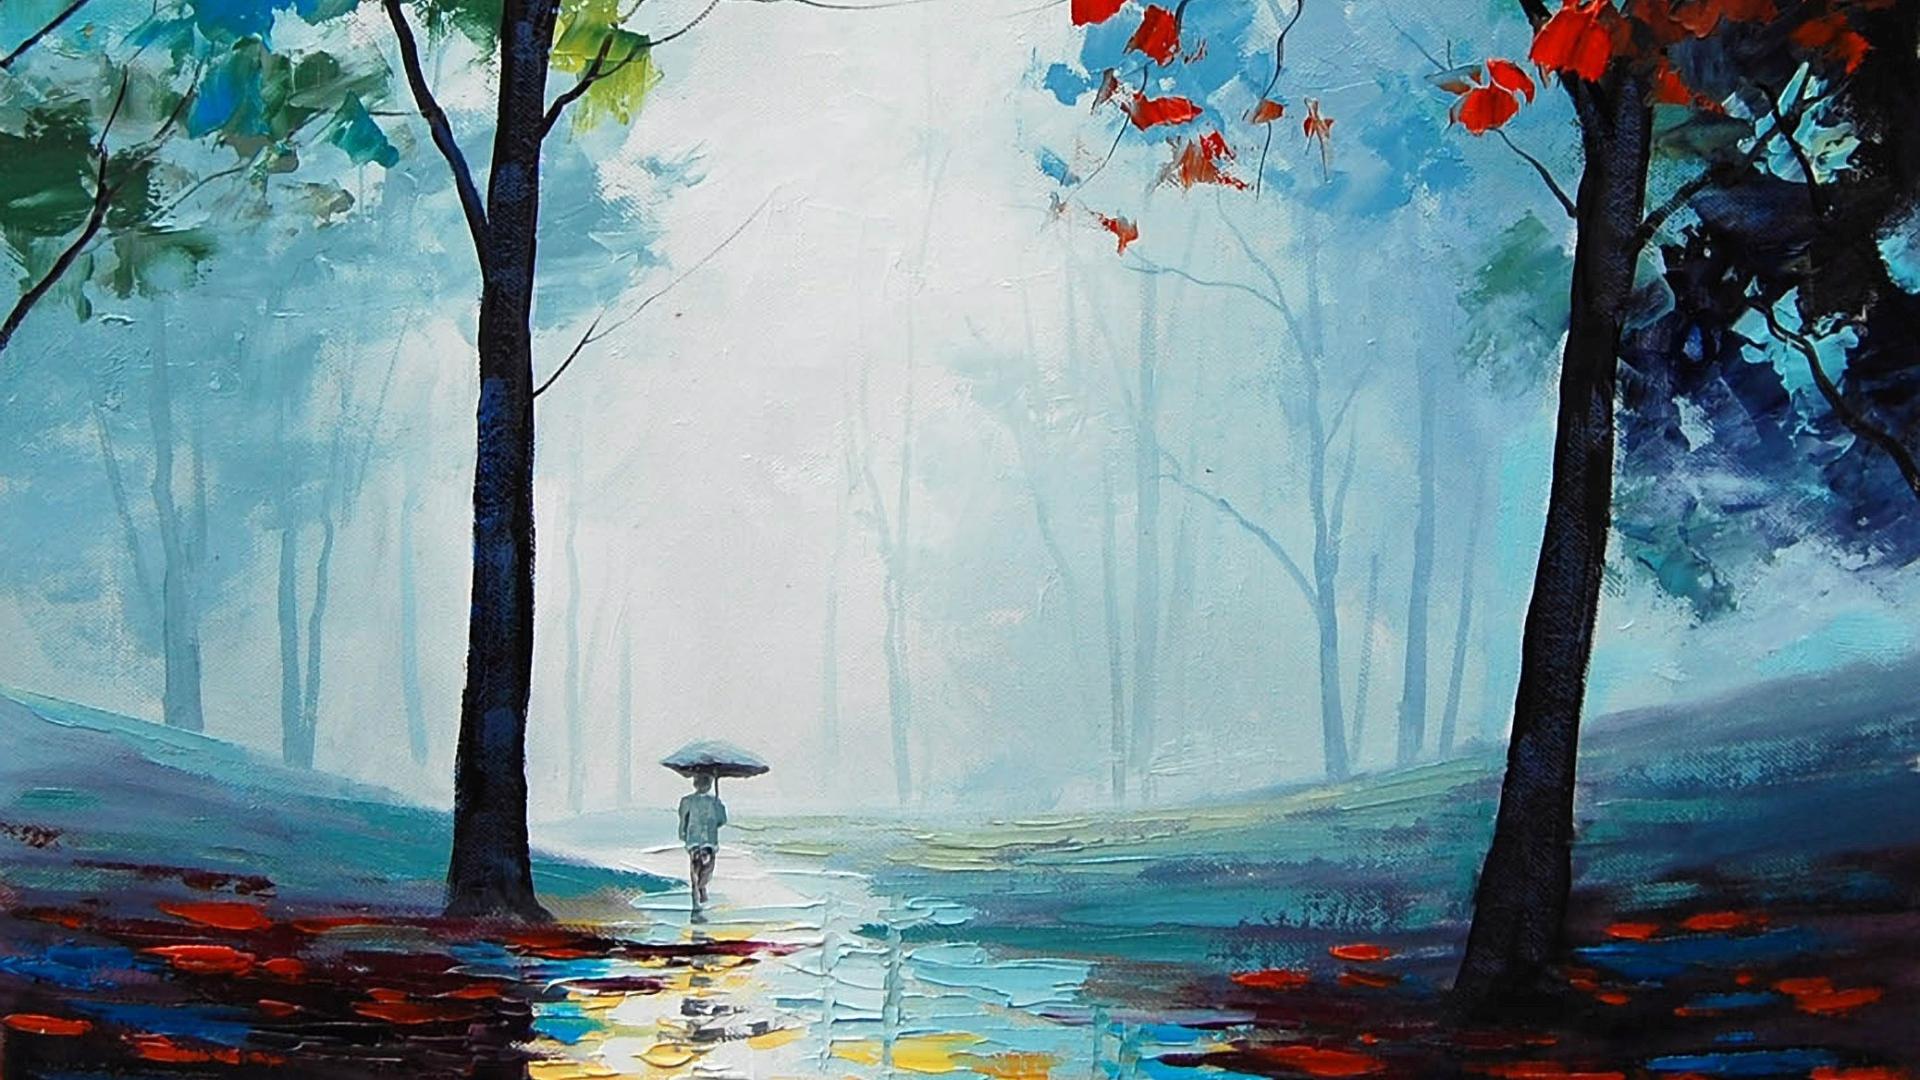 Nature   Seasons   Autumn the autumn rain 046200 23